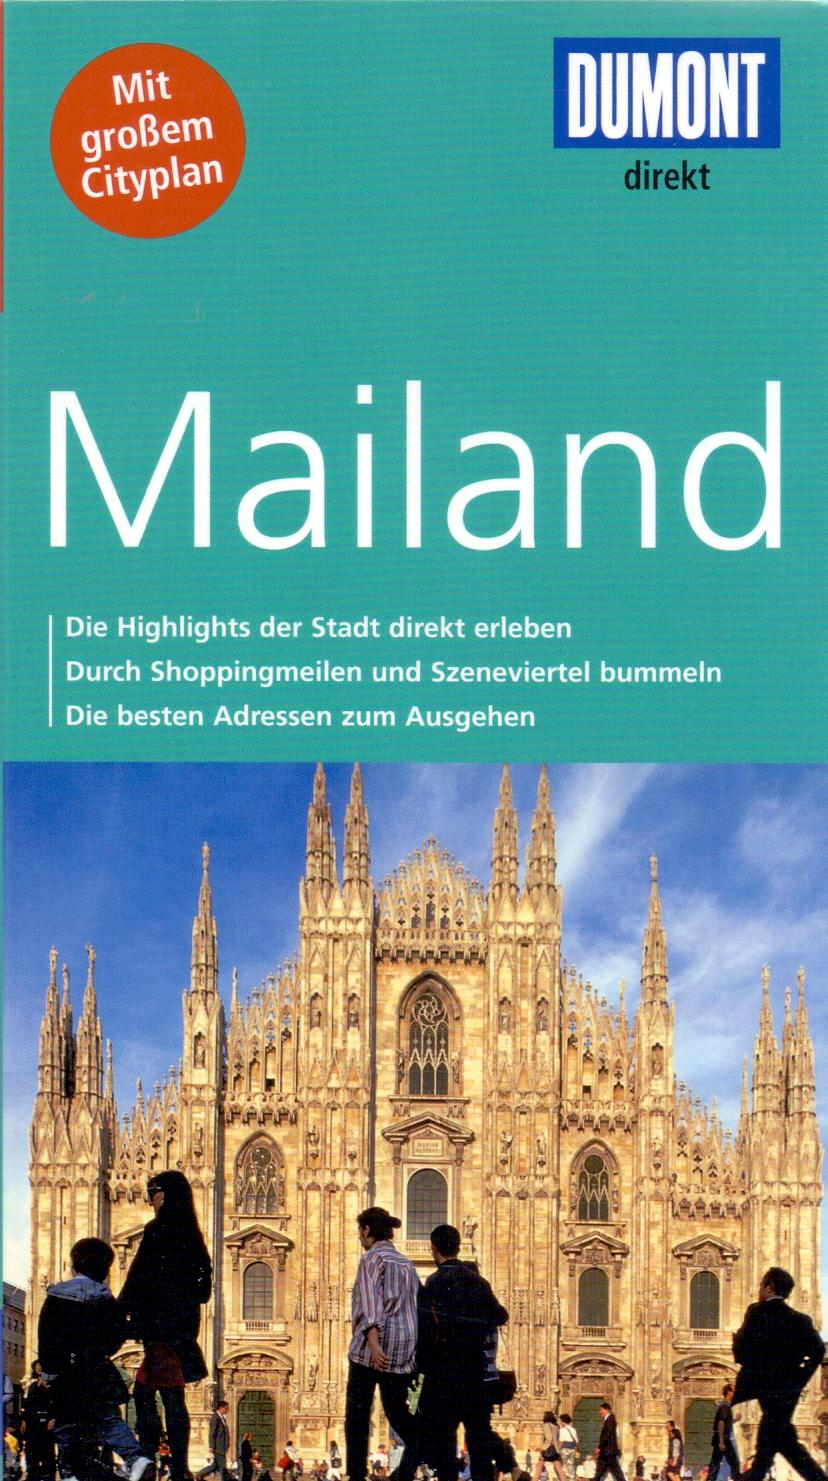 DuMont direkt Reiseführer: Mailand - Aylie Lonmon [Broschiert, inkl. Cityplan, 2. Auflage 2012]